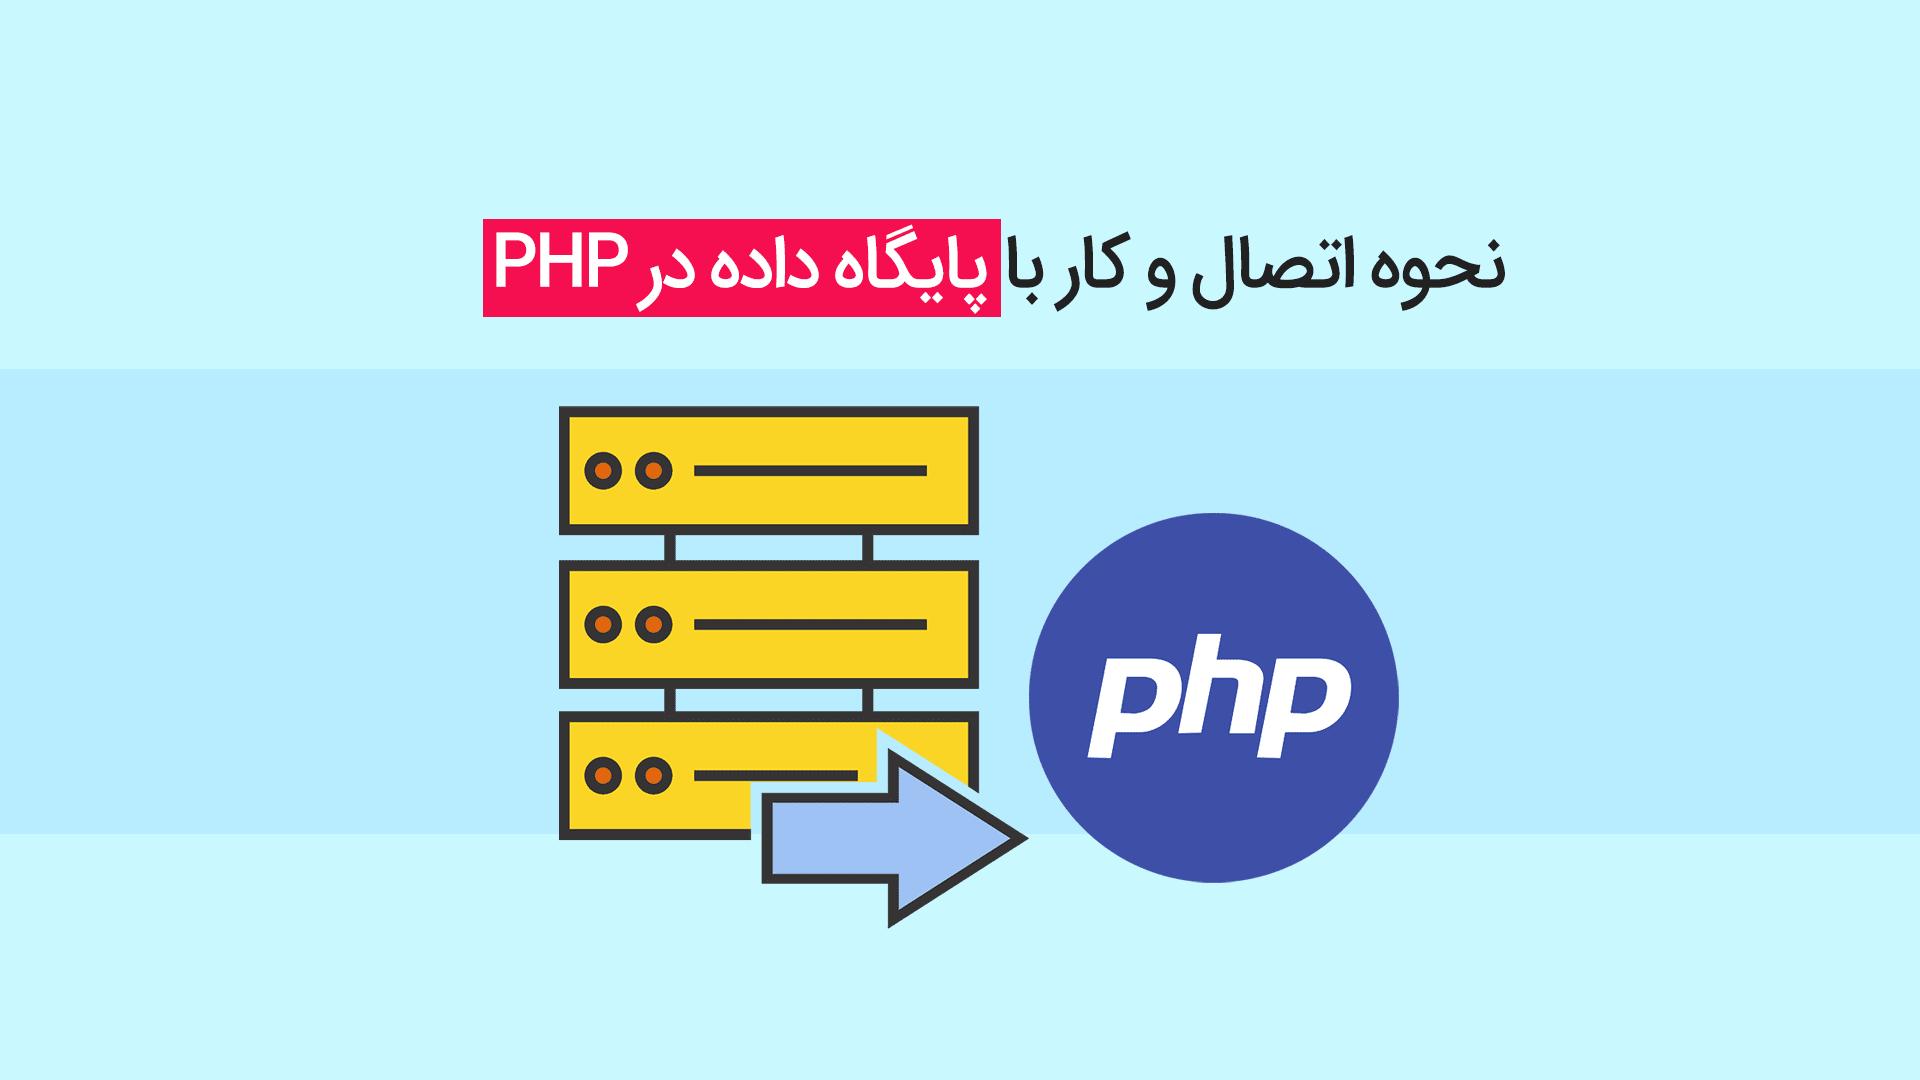 نحوه اتصال و کار با پایگاه داده در Php